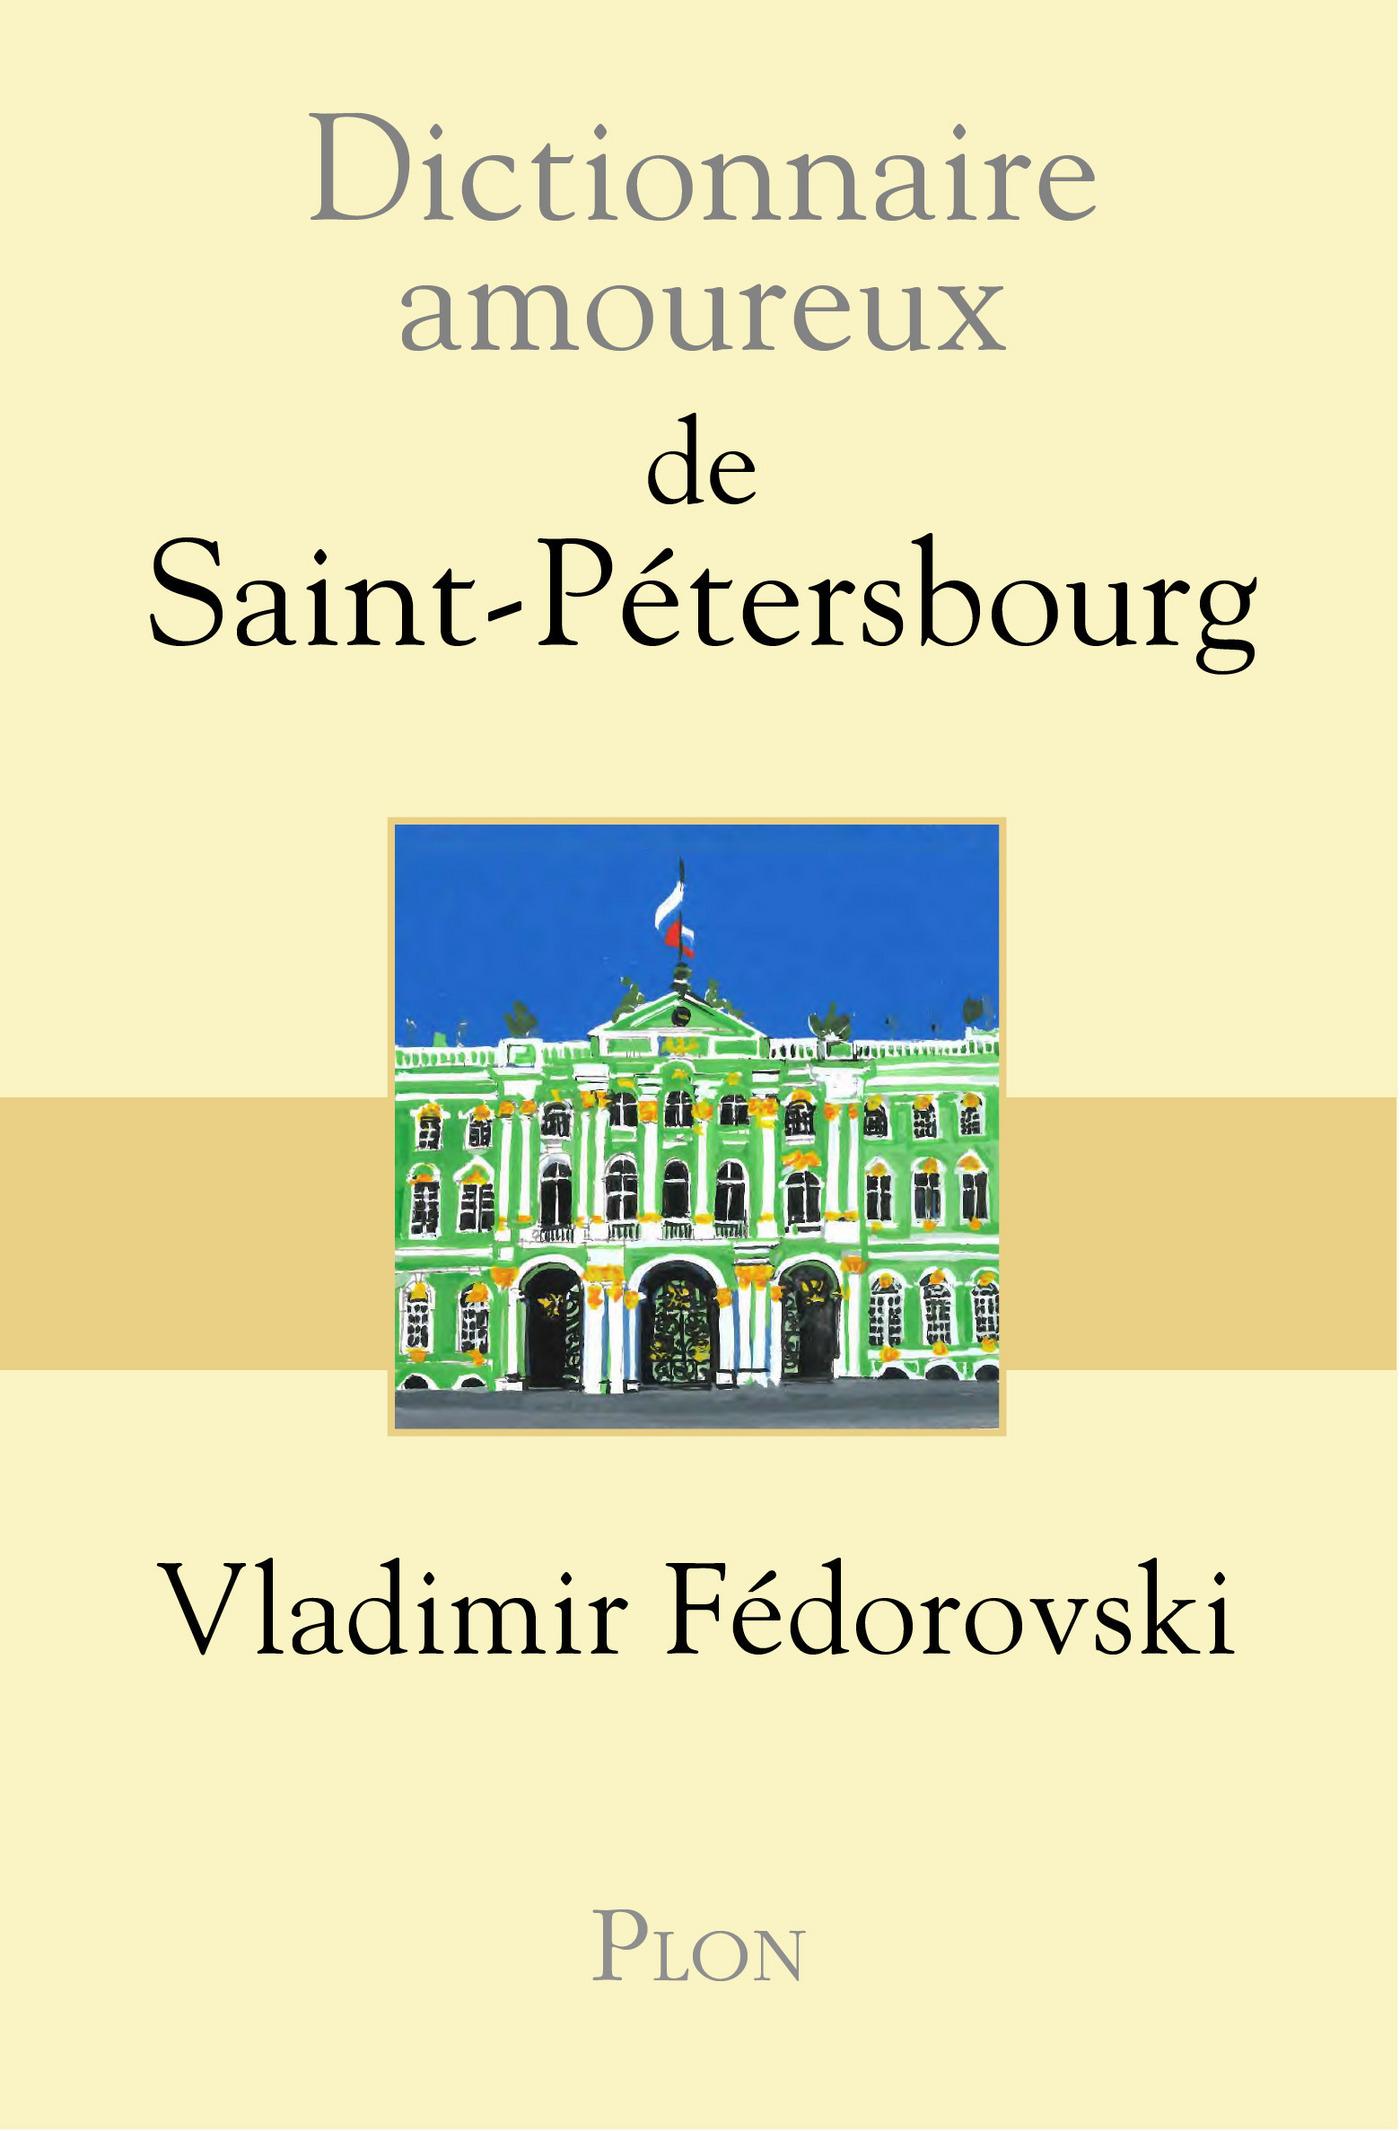 Dictionnaire amoureux de Saint-Pétersbourg